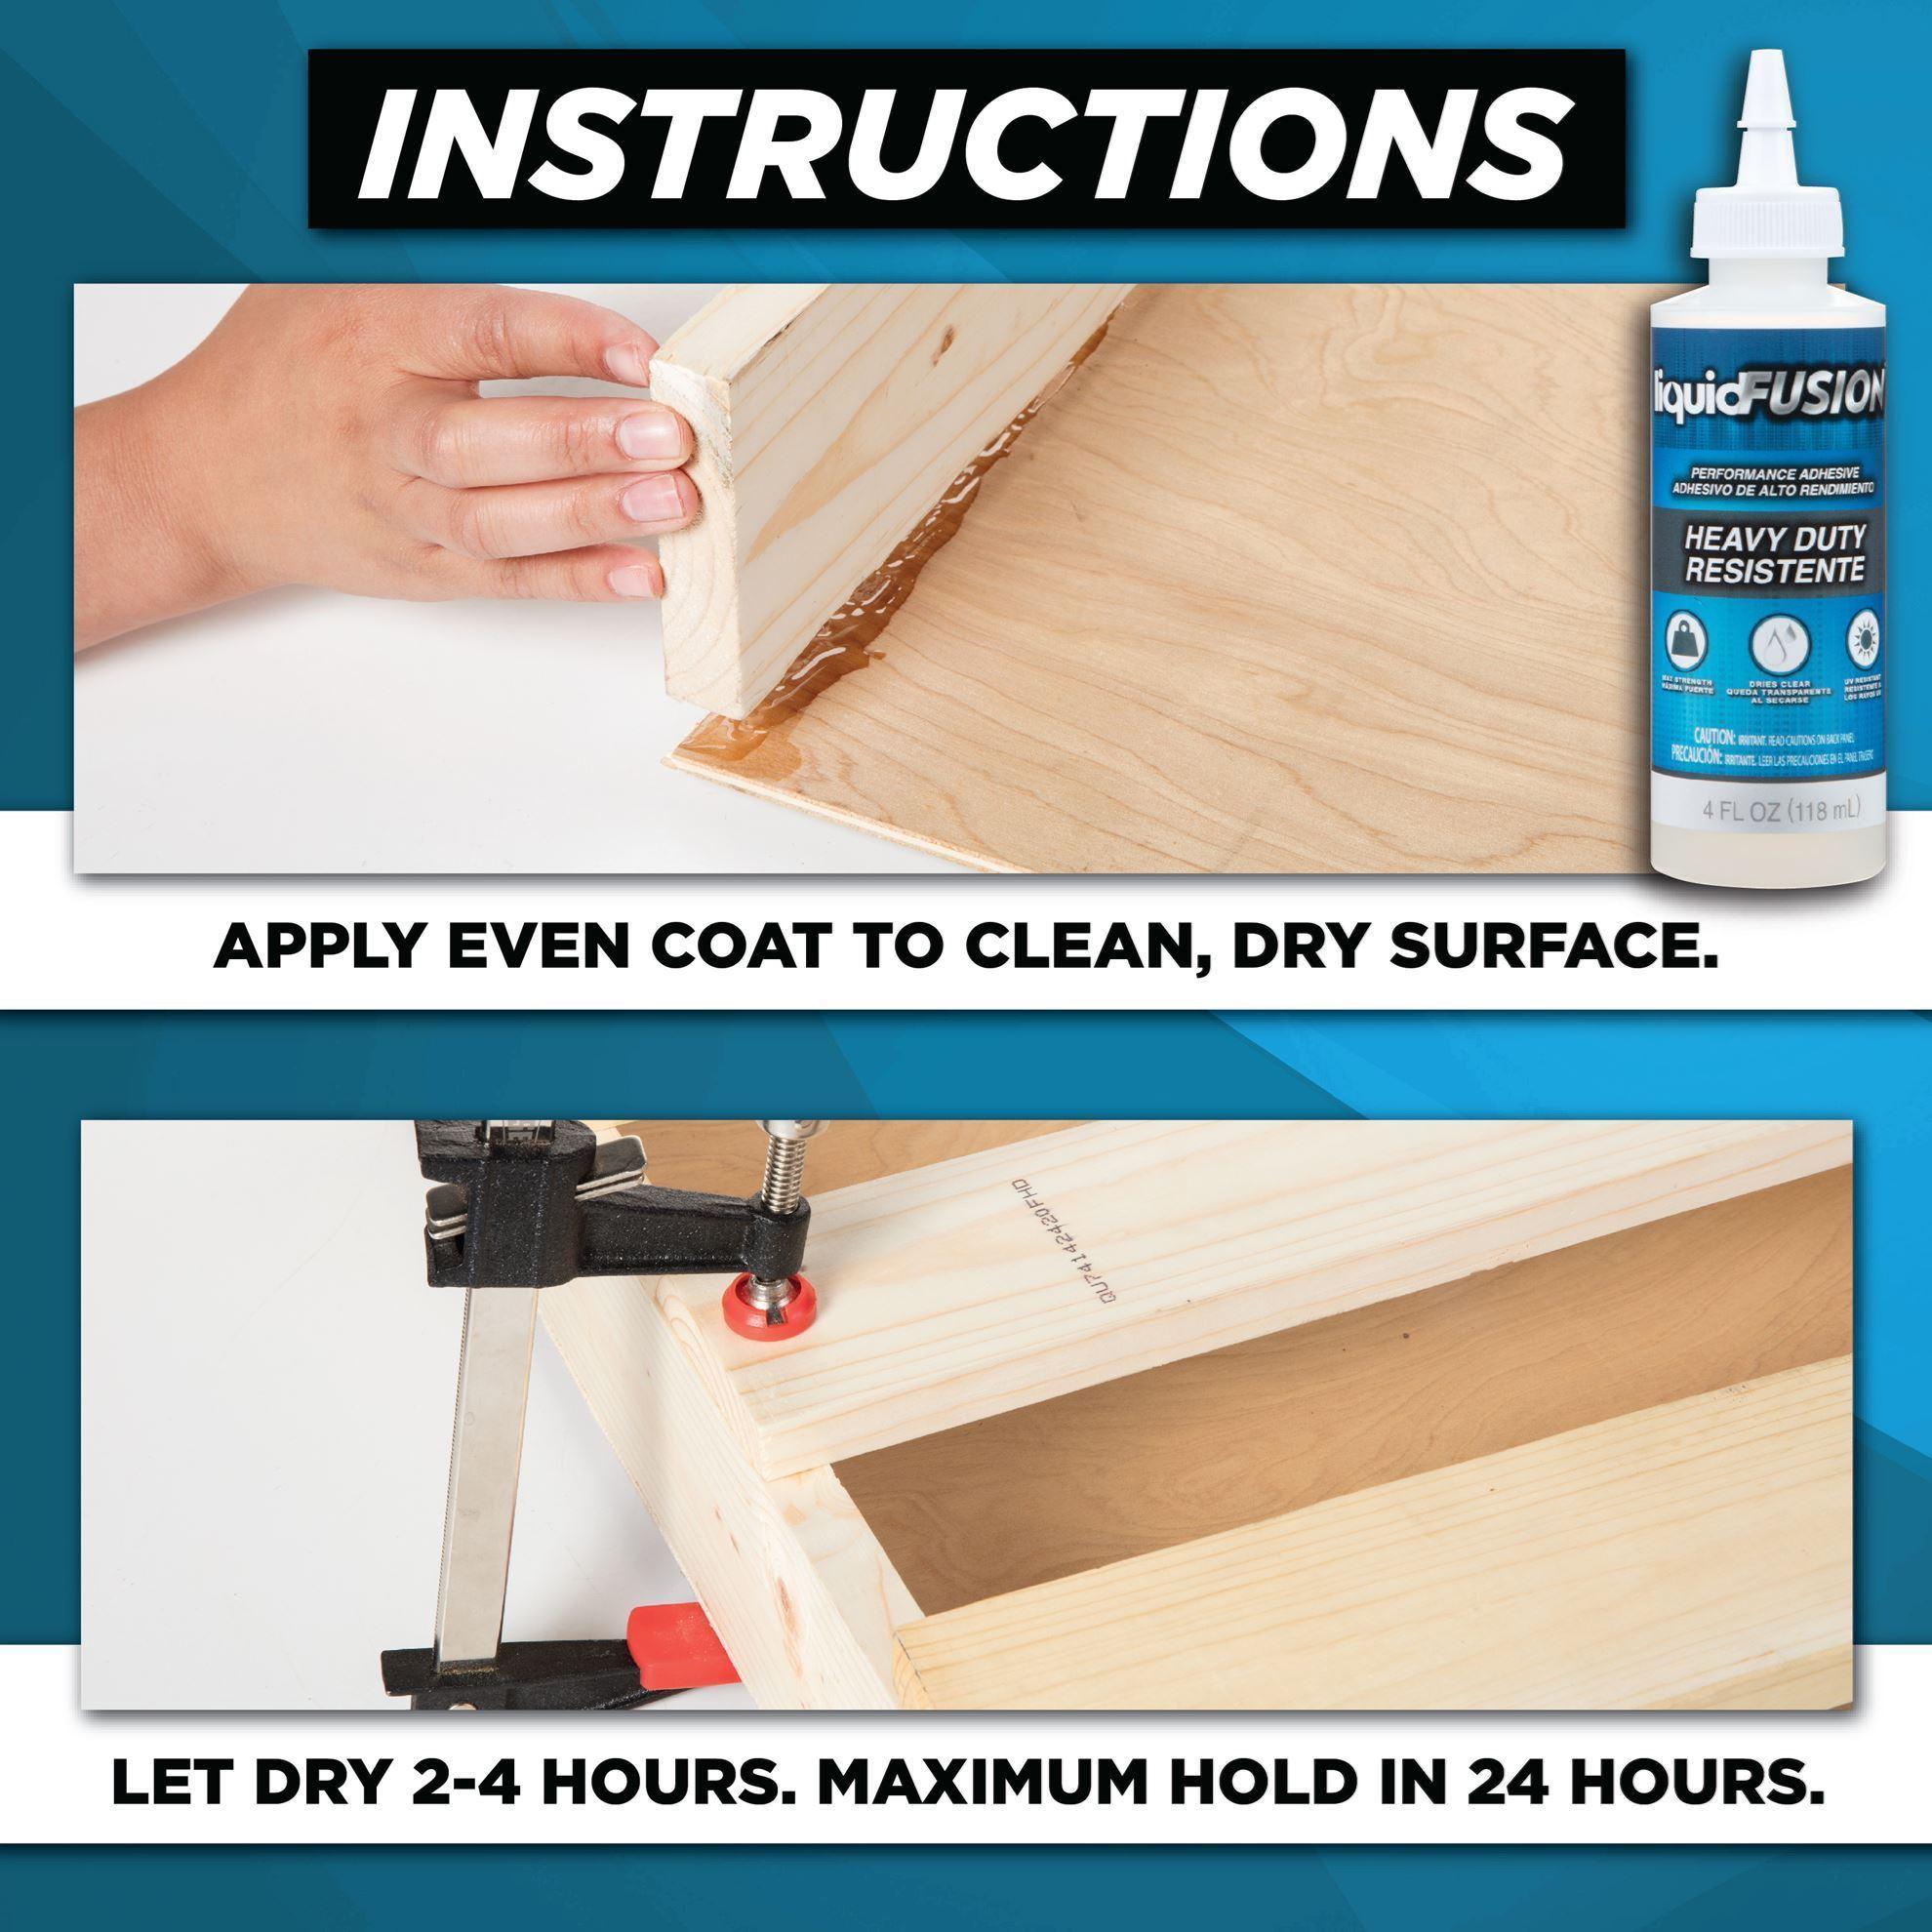 liquid fusion glue how to